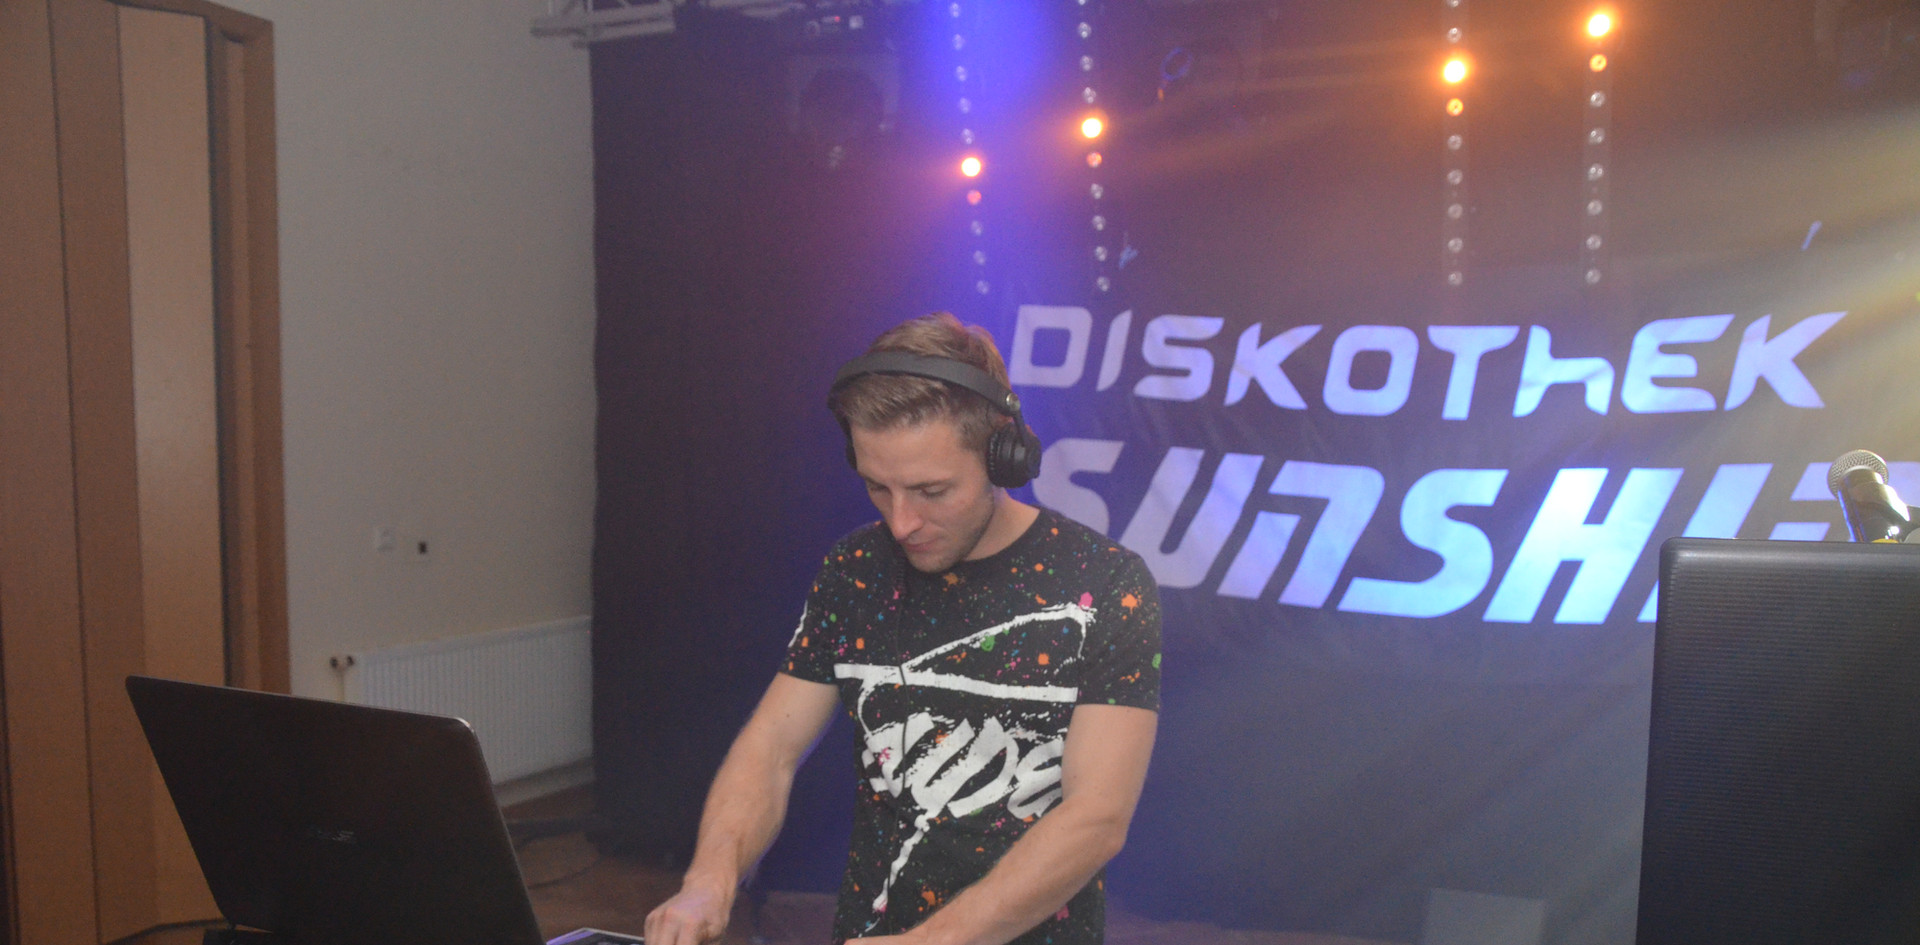 DJ D. Miller